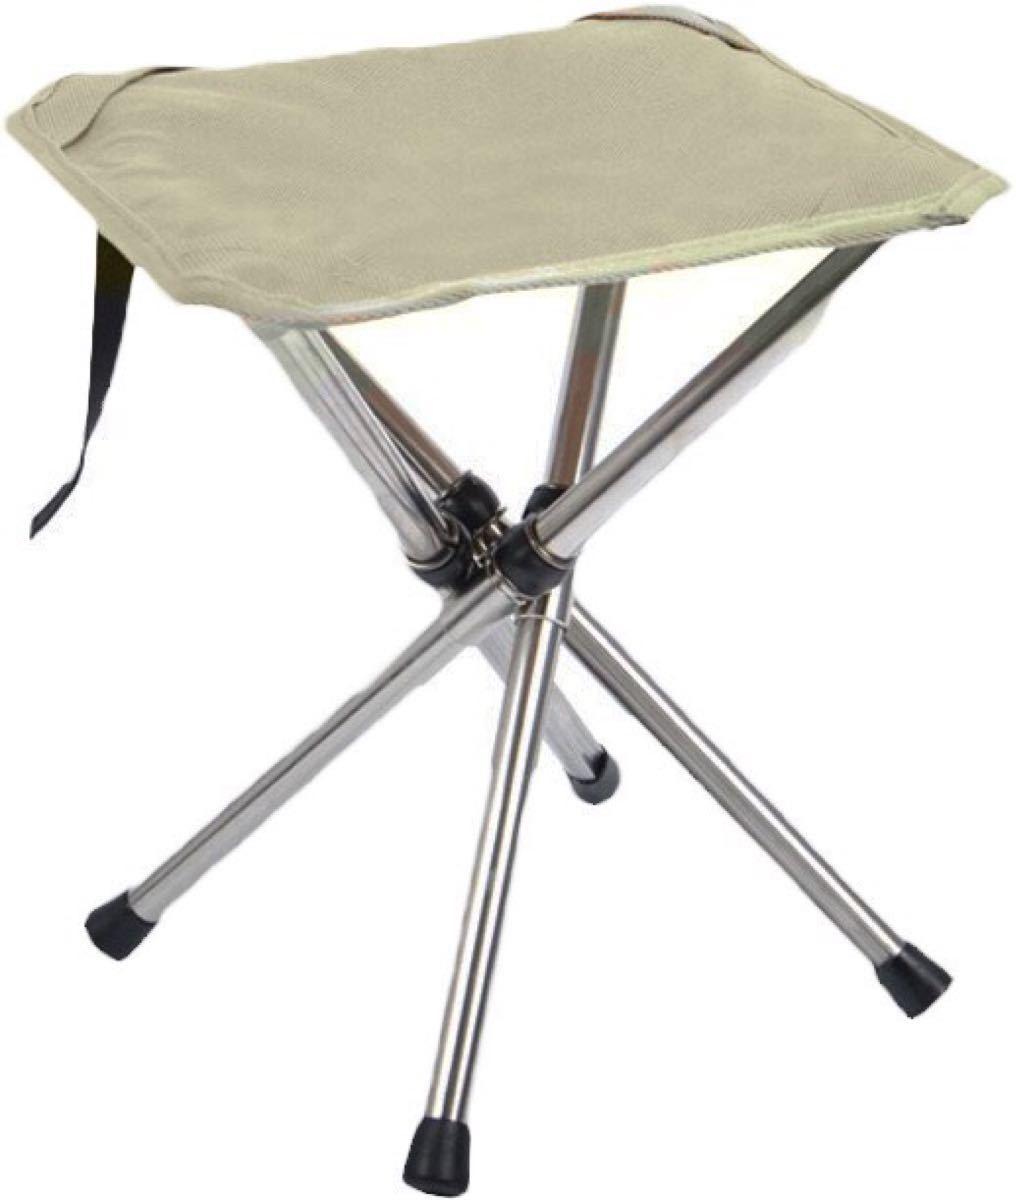 新品 椅子 折り畳みチェアー アウトドア 防災 キャンプ コンパクト まとめ買い